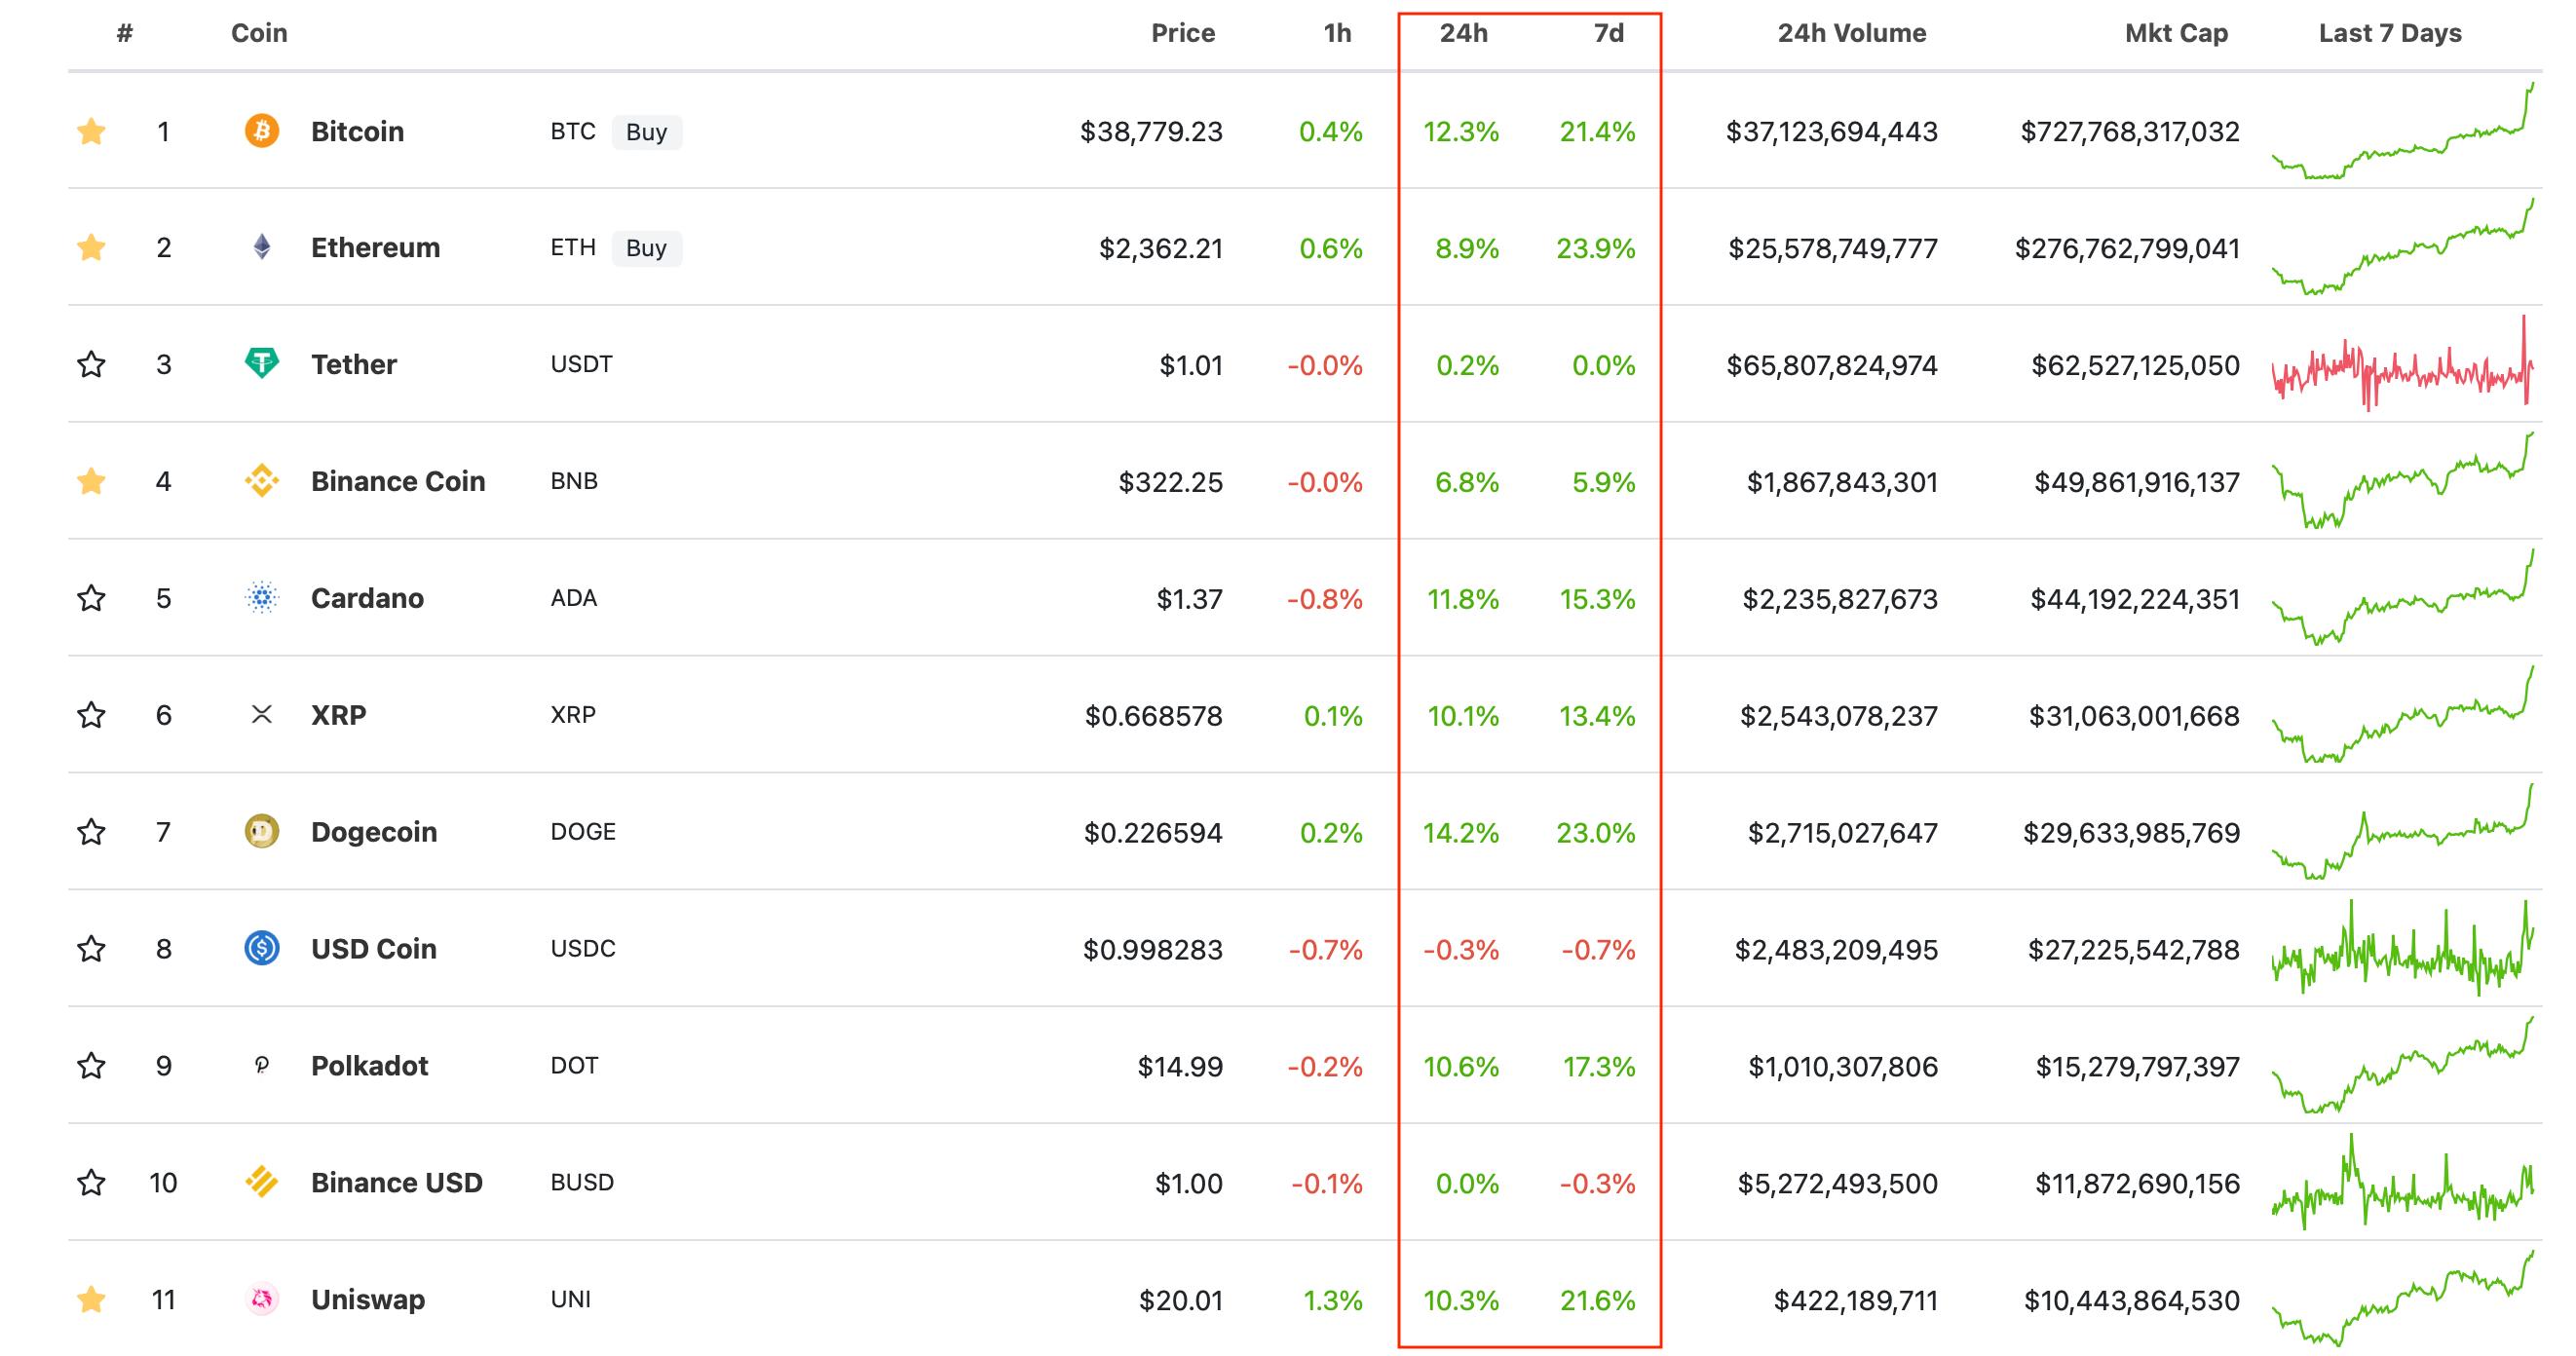 криптовалюты блокчейн рост